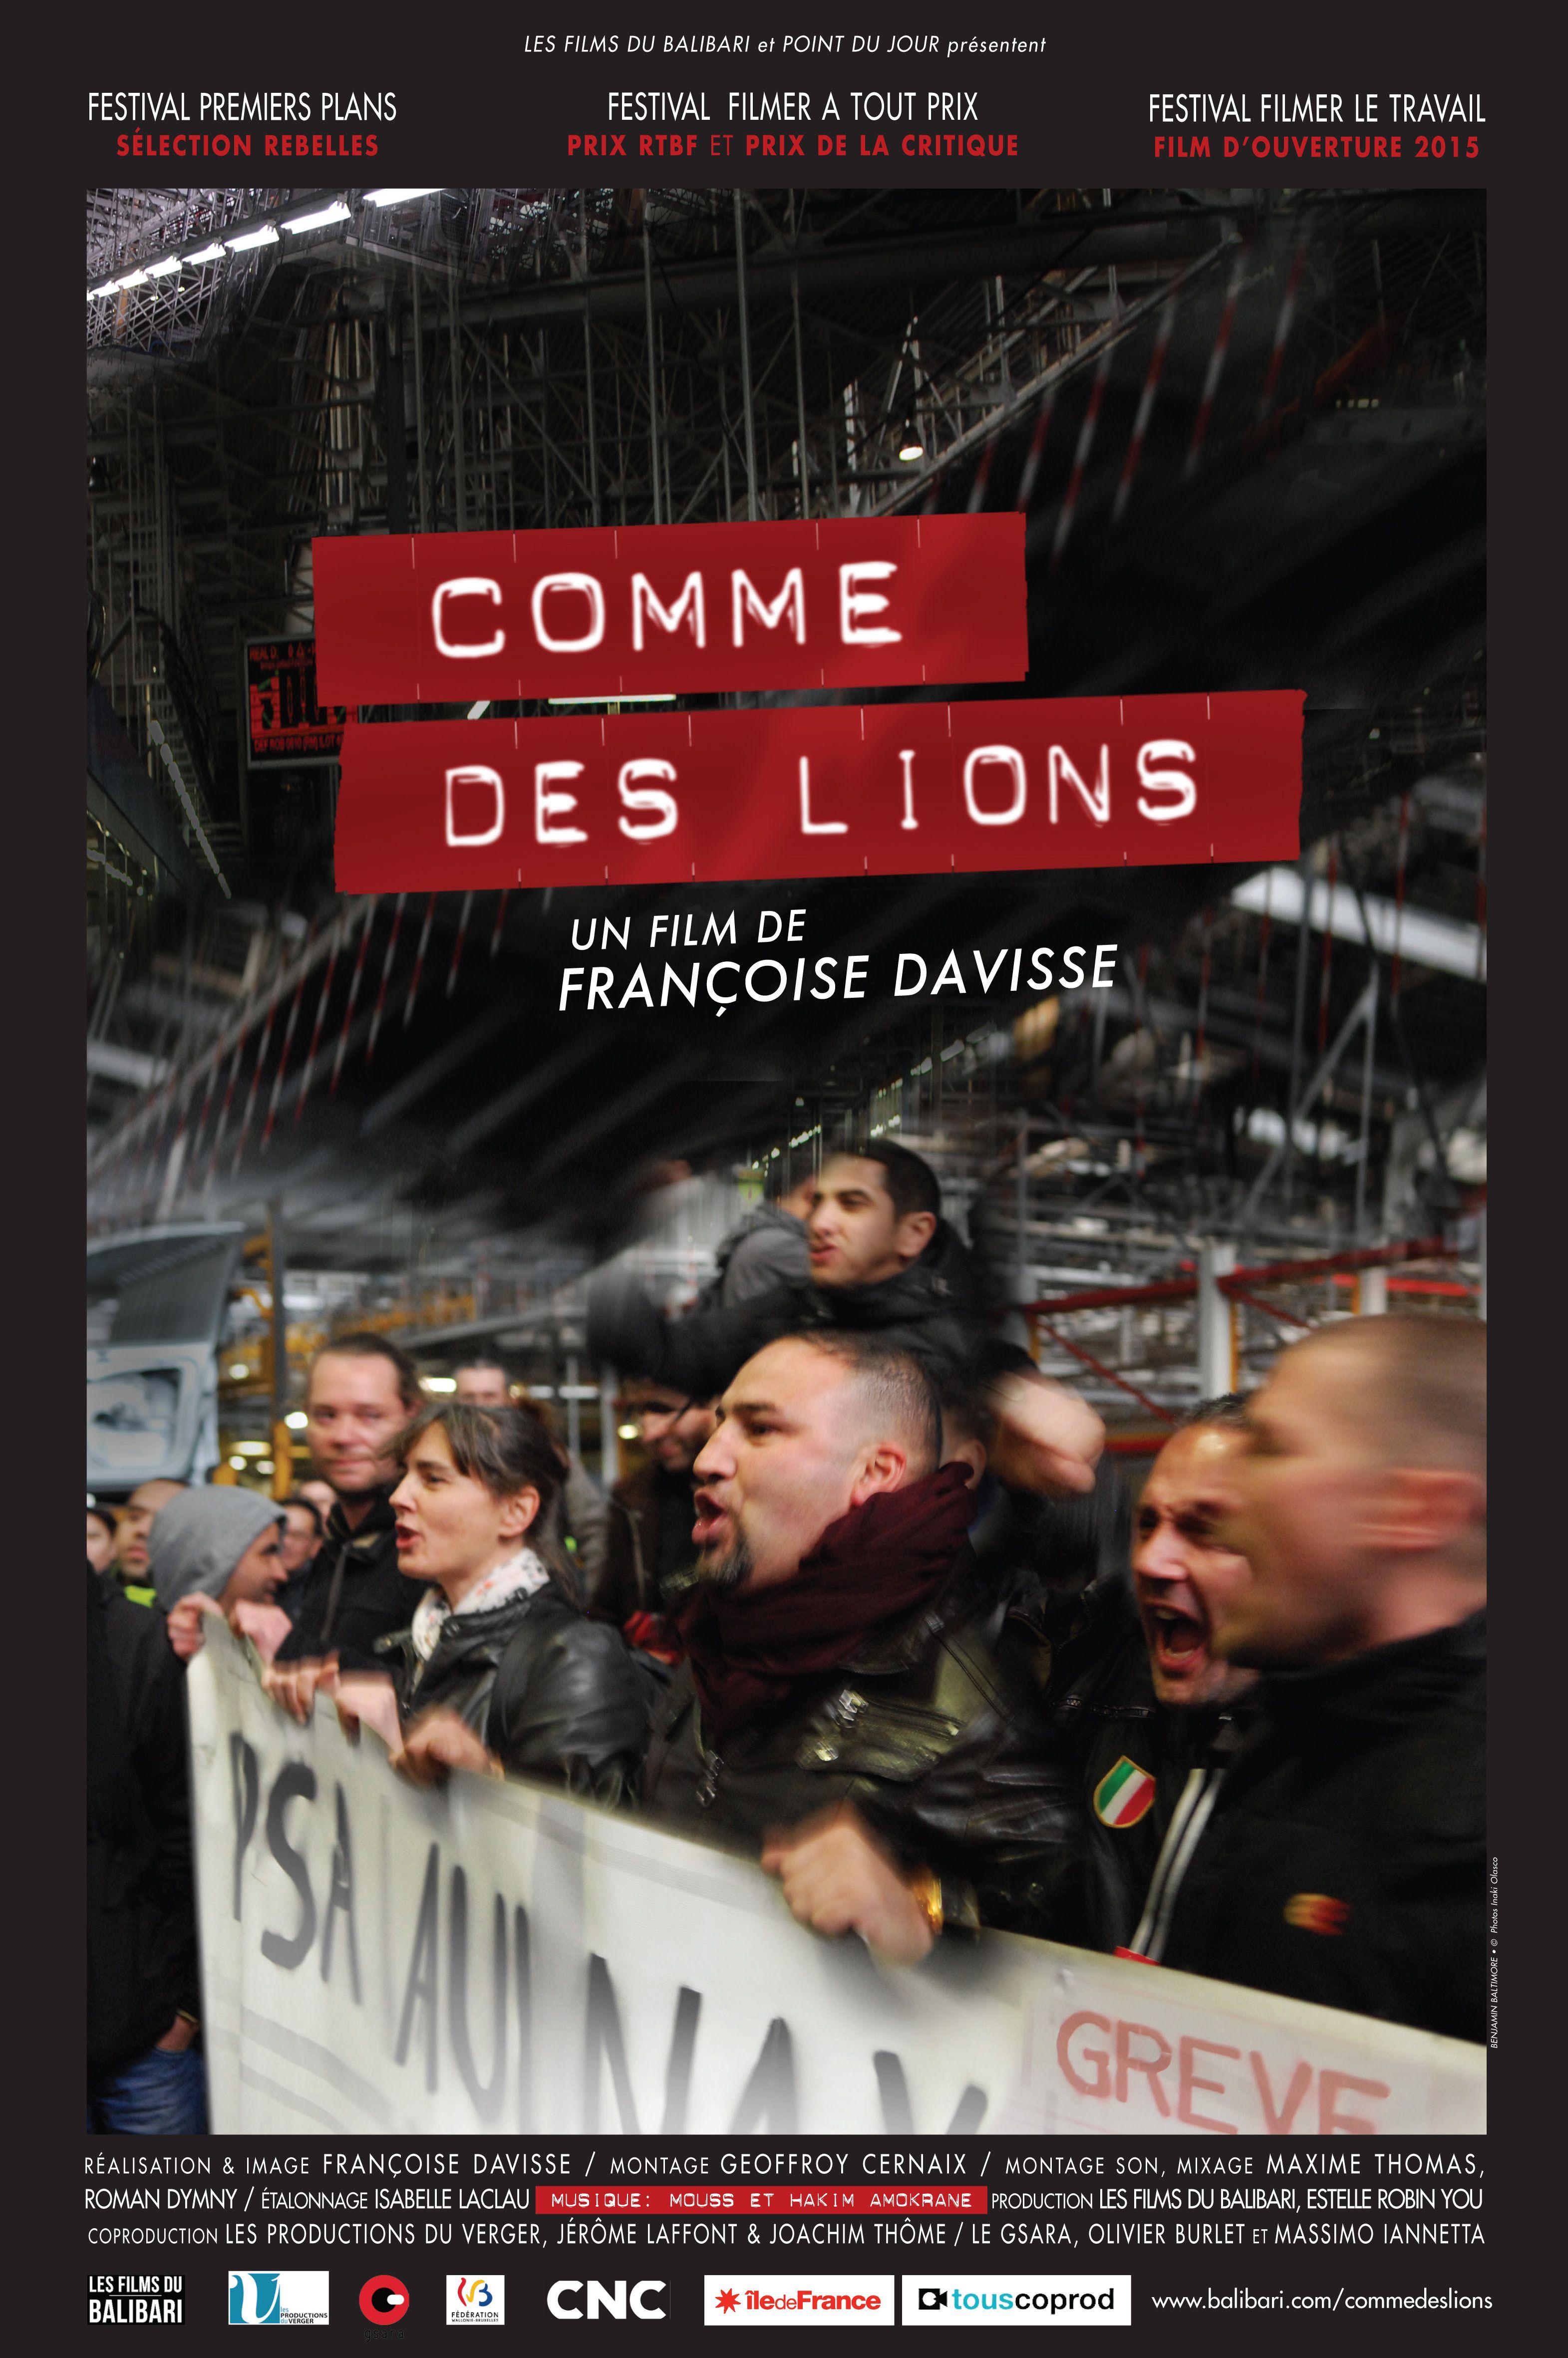 Comme des lions - Documentaire (2016)